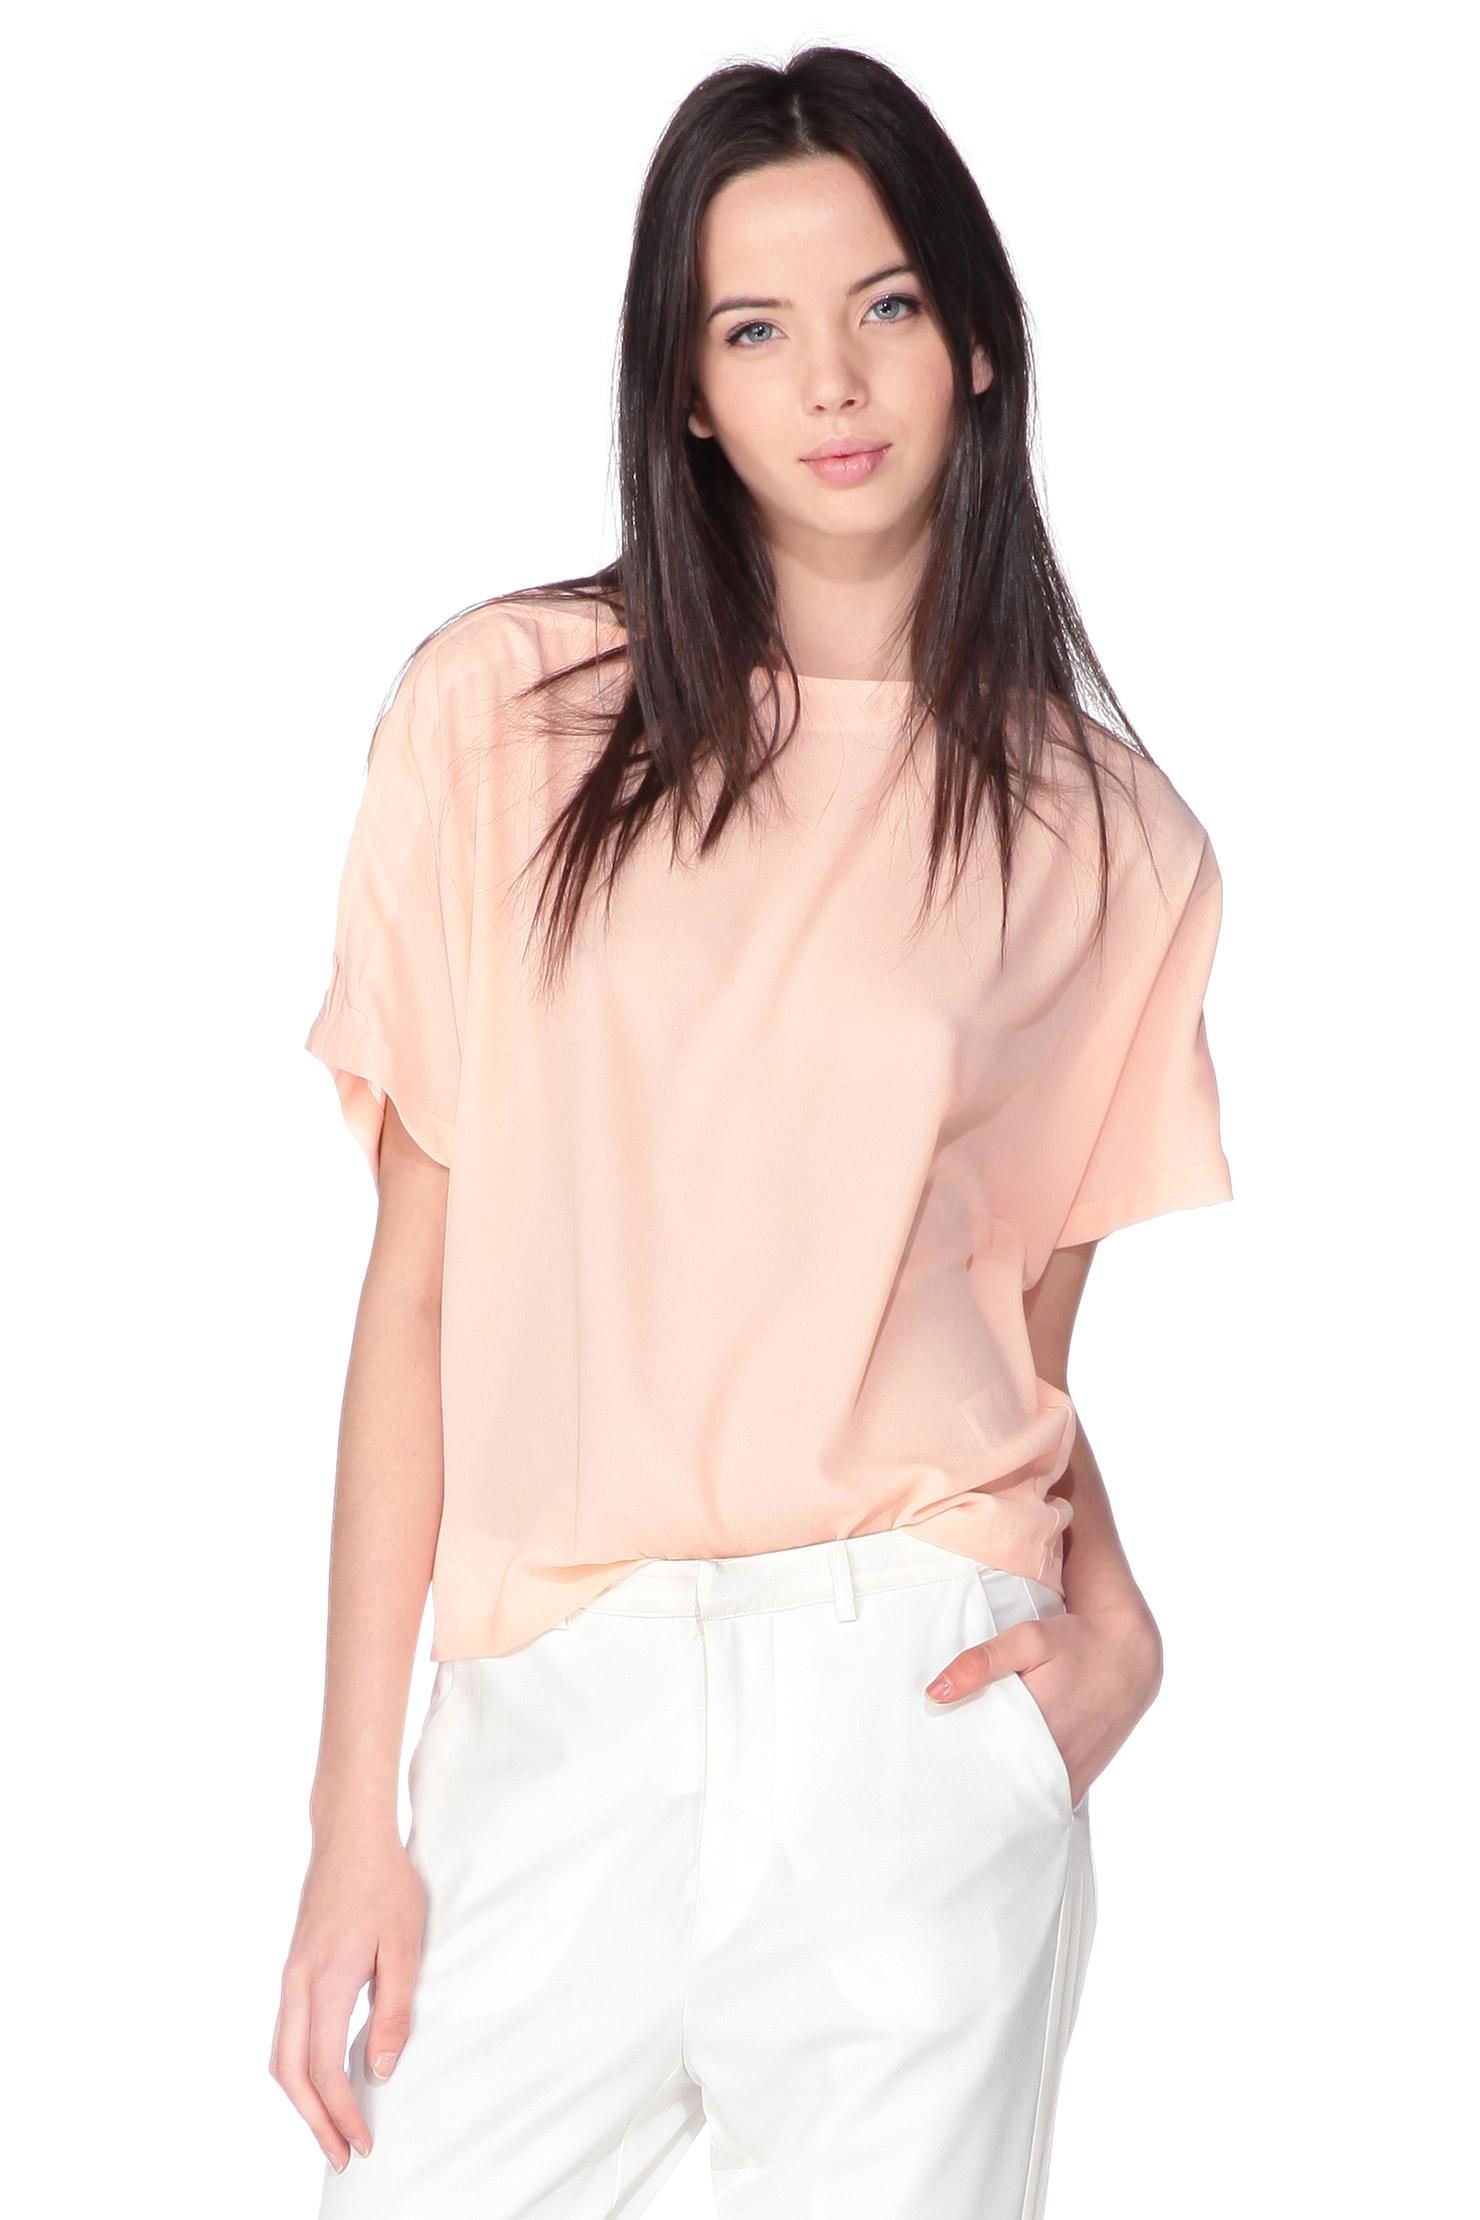 Vero moda Short Sleeve Top in Pink